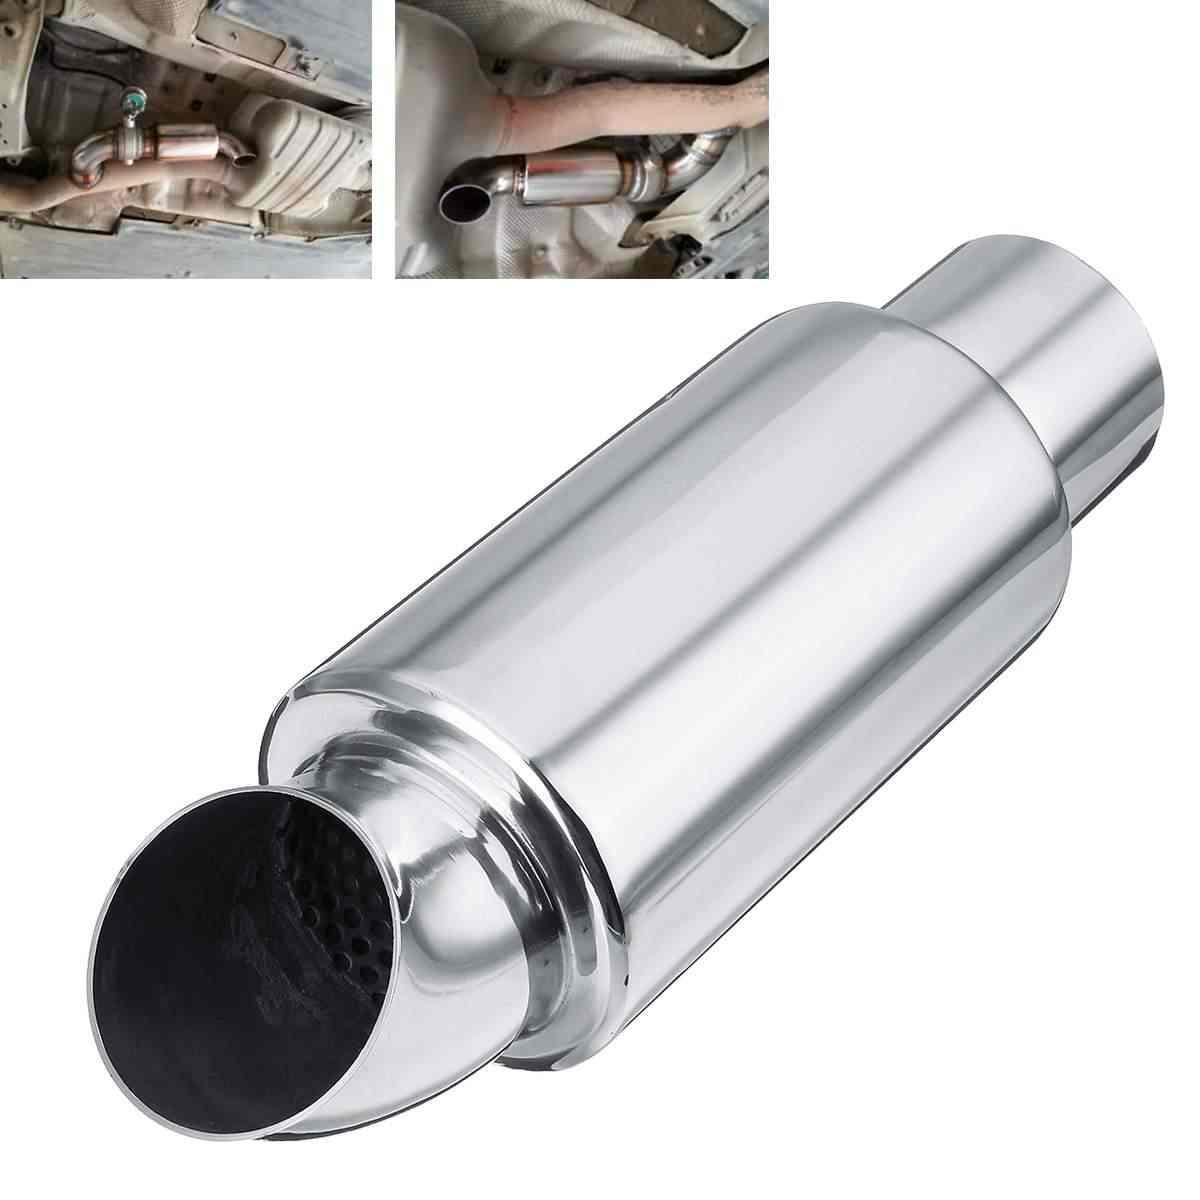 """2.5/"""" 63mm UNIVERSAL STAINLESS EXHAUST BACK BOX SILENCER ROUND MUFFLER RESONATOR"""